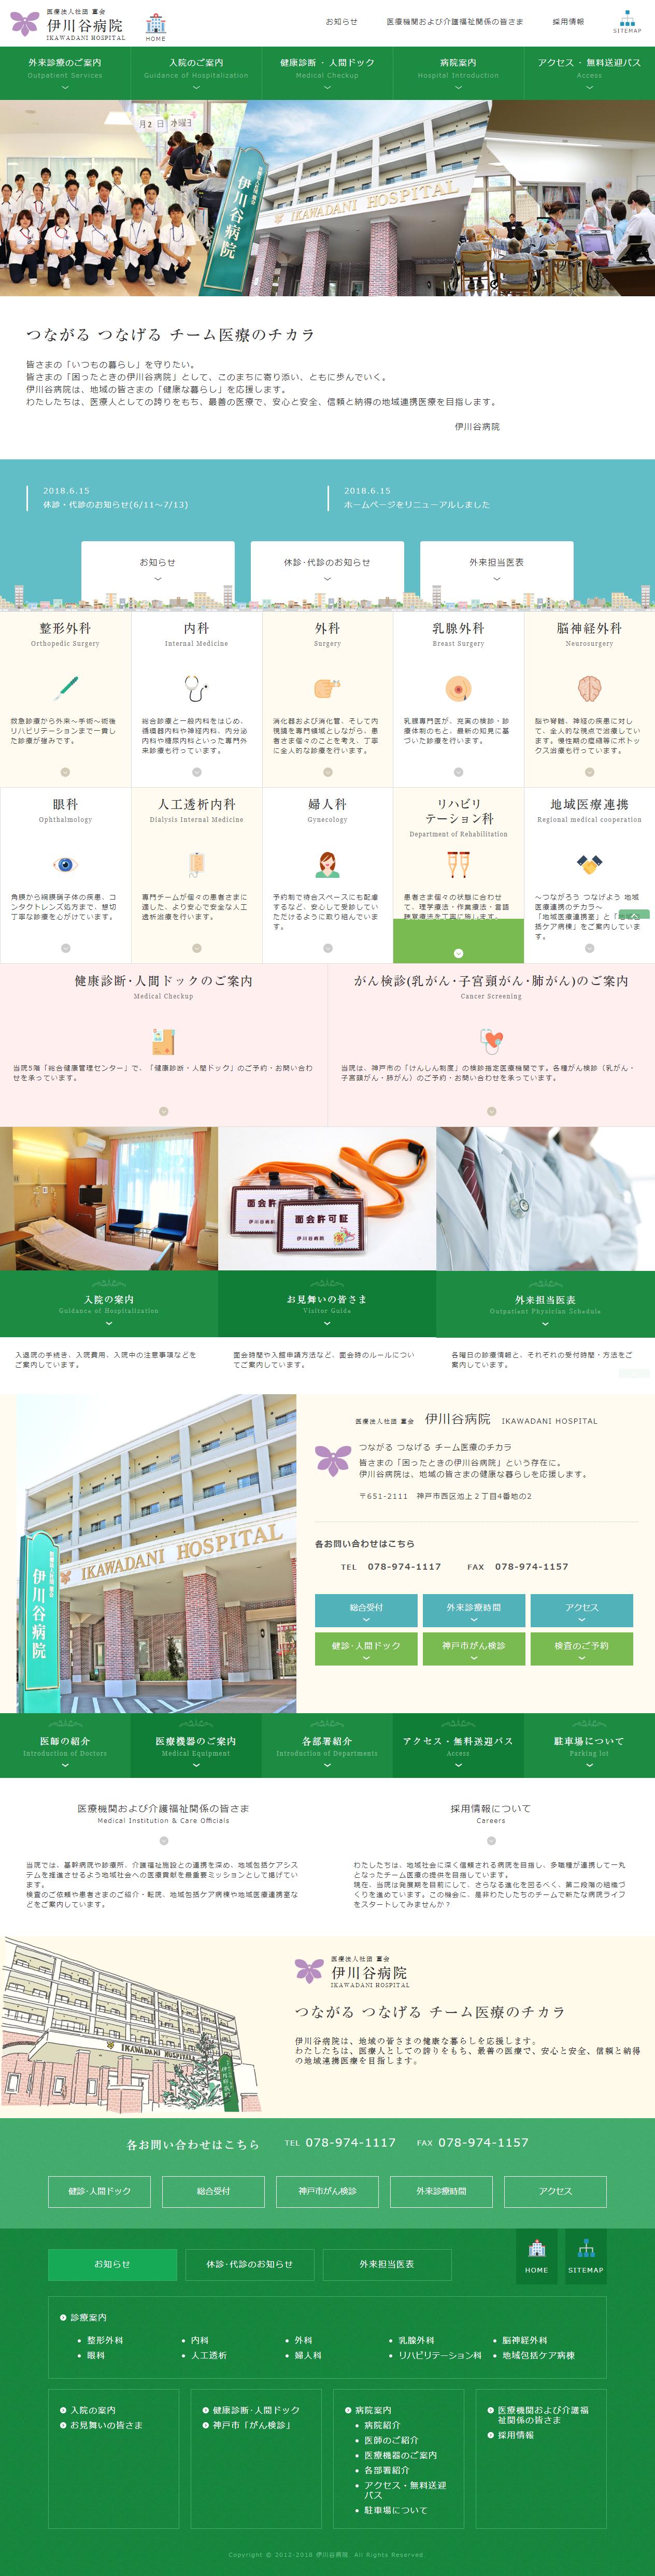 西区の総合病院伊川谷病院